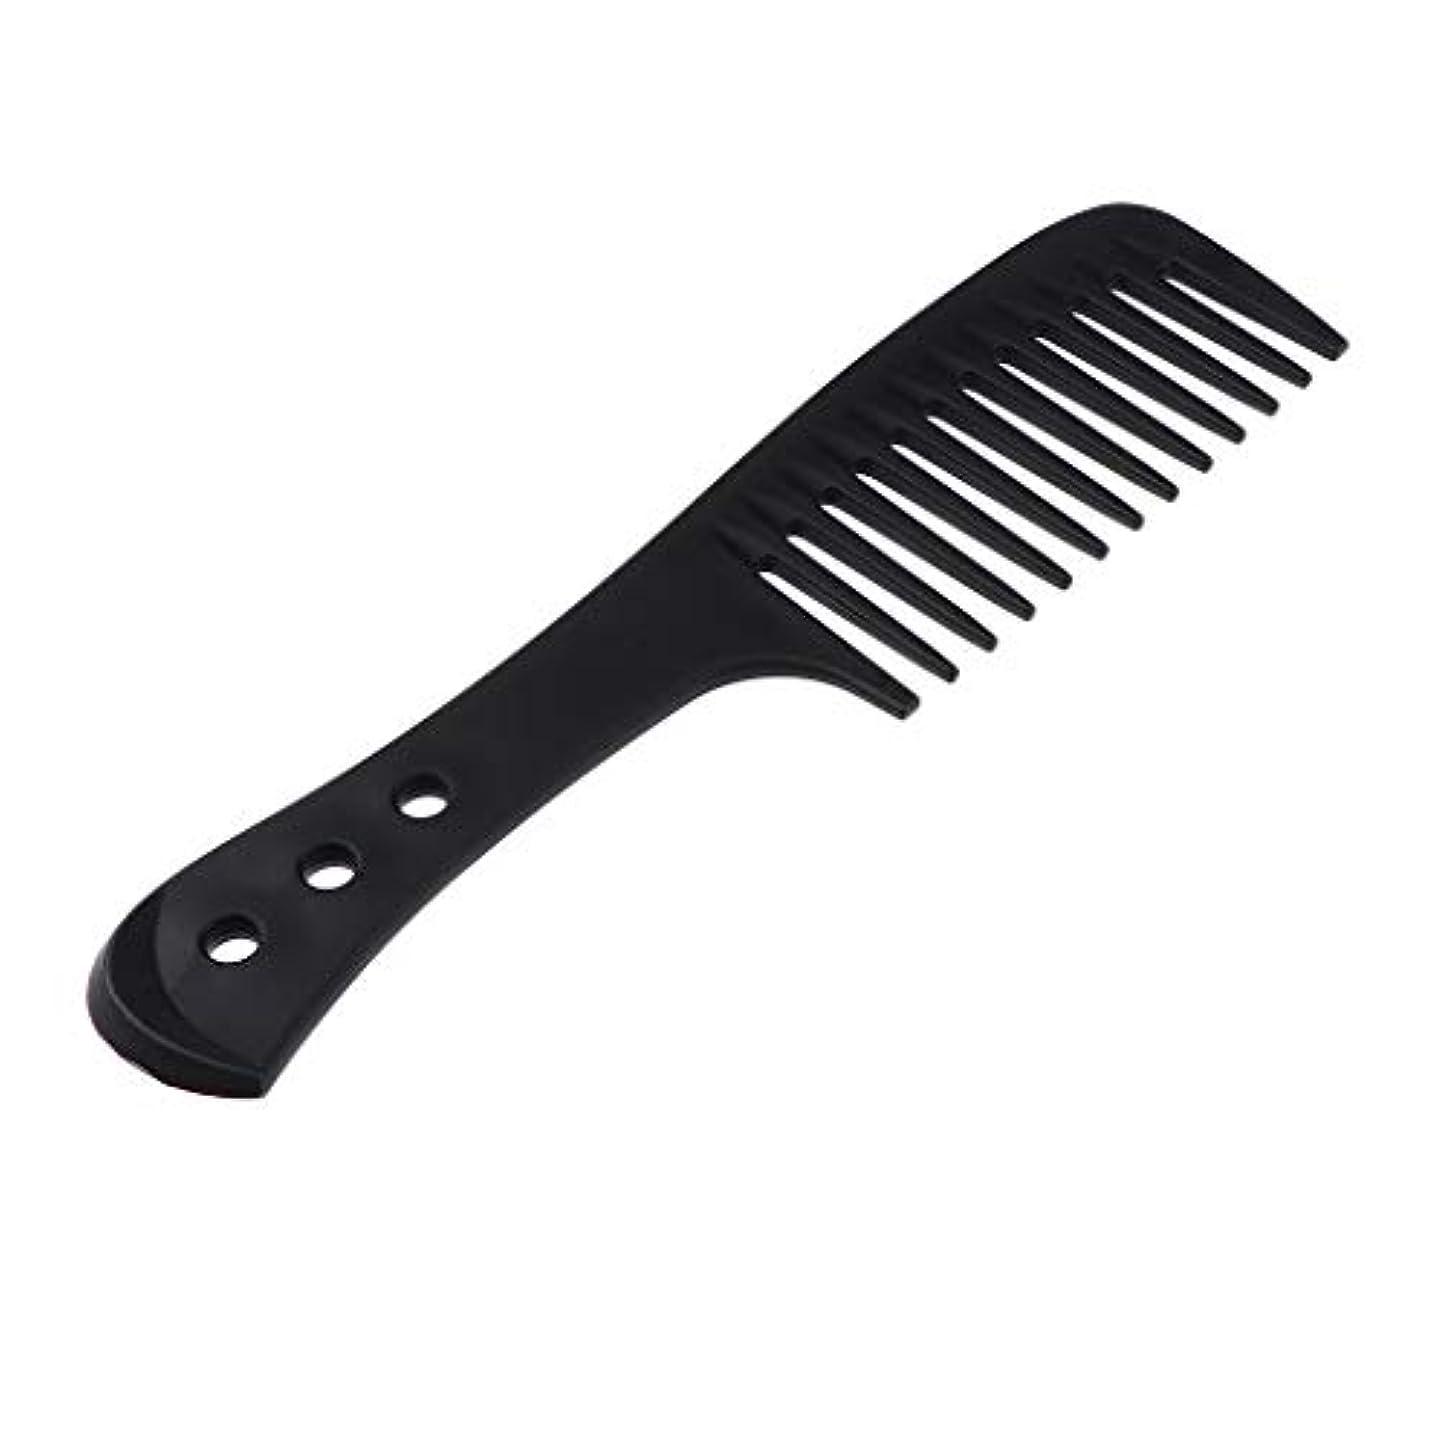 入札活性化全滅させるヘアコーム ヘアブラシ ワイド歯ブラシ 櫛 帯電防止 プラスチック製 4色選べ - ブラック